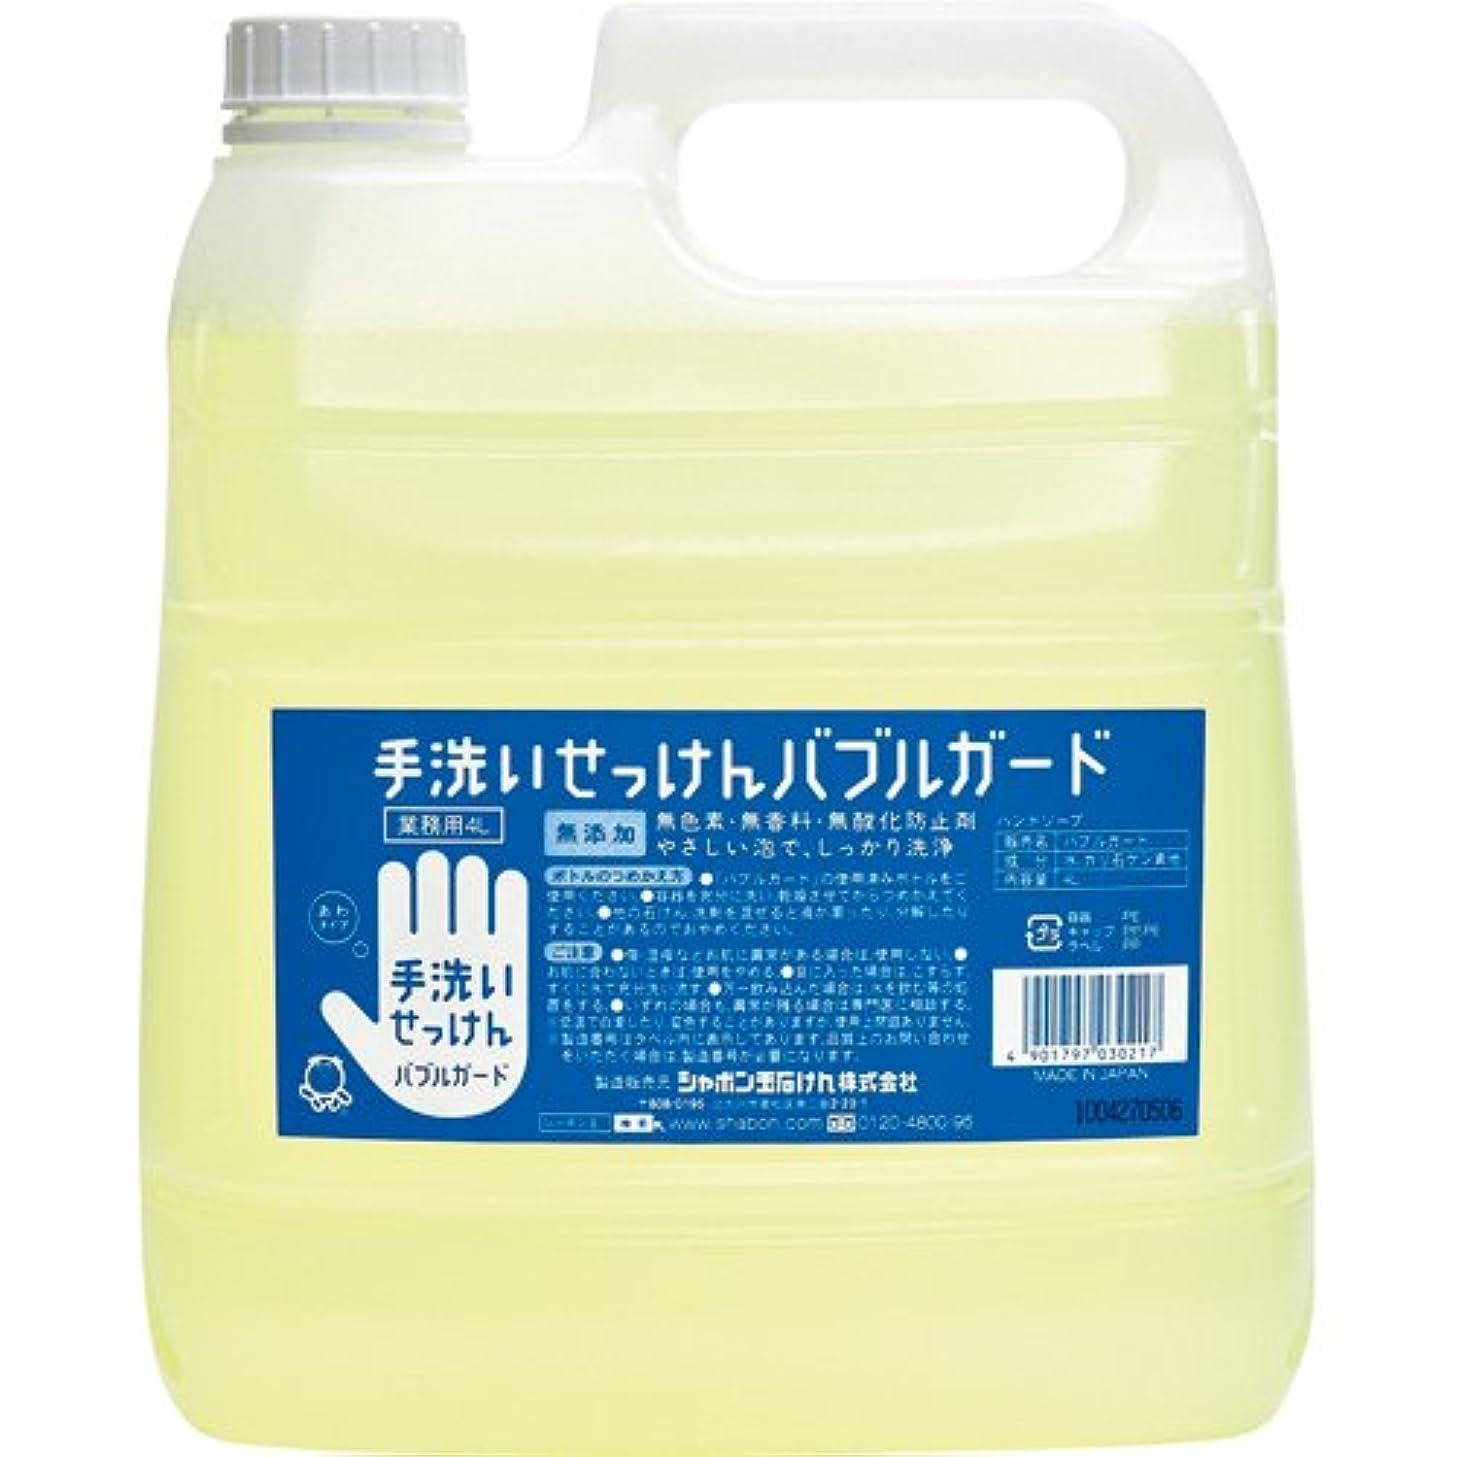 サッカー損失海上[シャボン玉石けん 1692542] (ケア商品)手洗いせっけん バブルガード 泡タイプ 業務用 4L